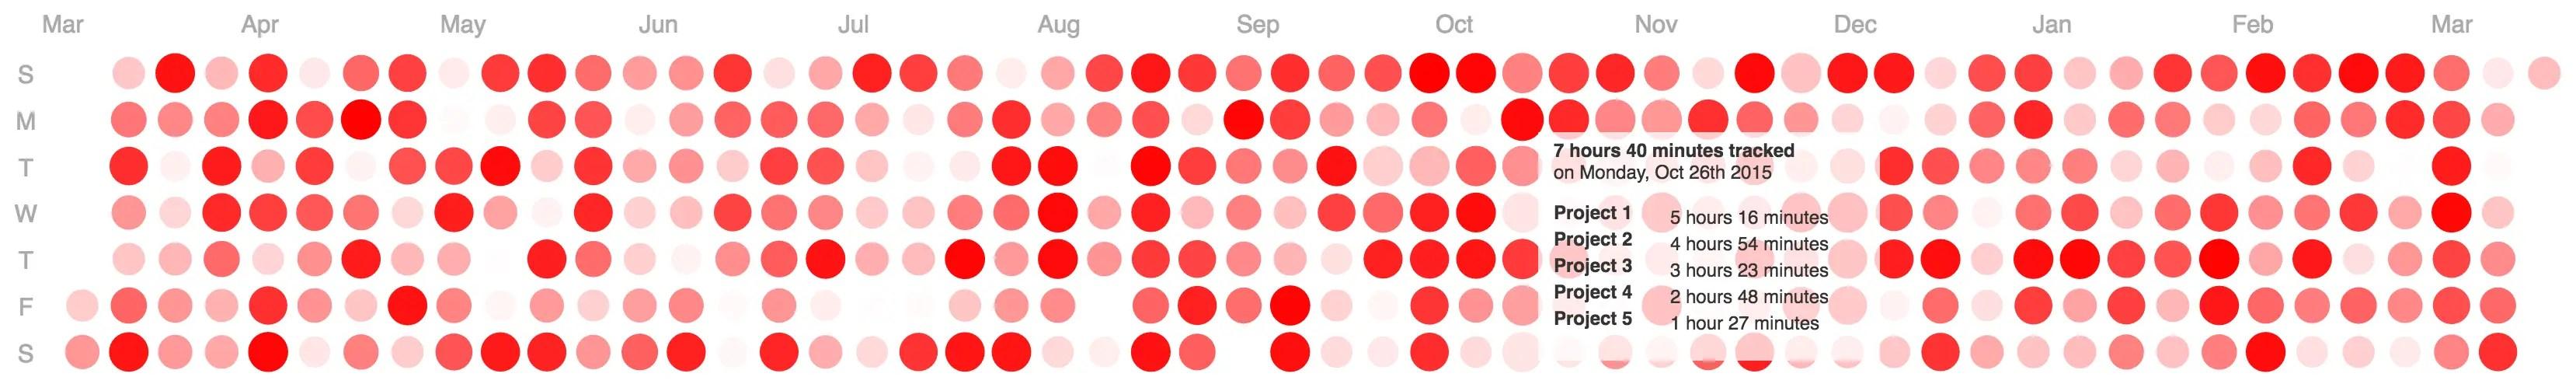 Angular Directive For D3.js Calendar Heatmap   Angular Script on